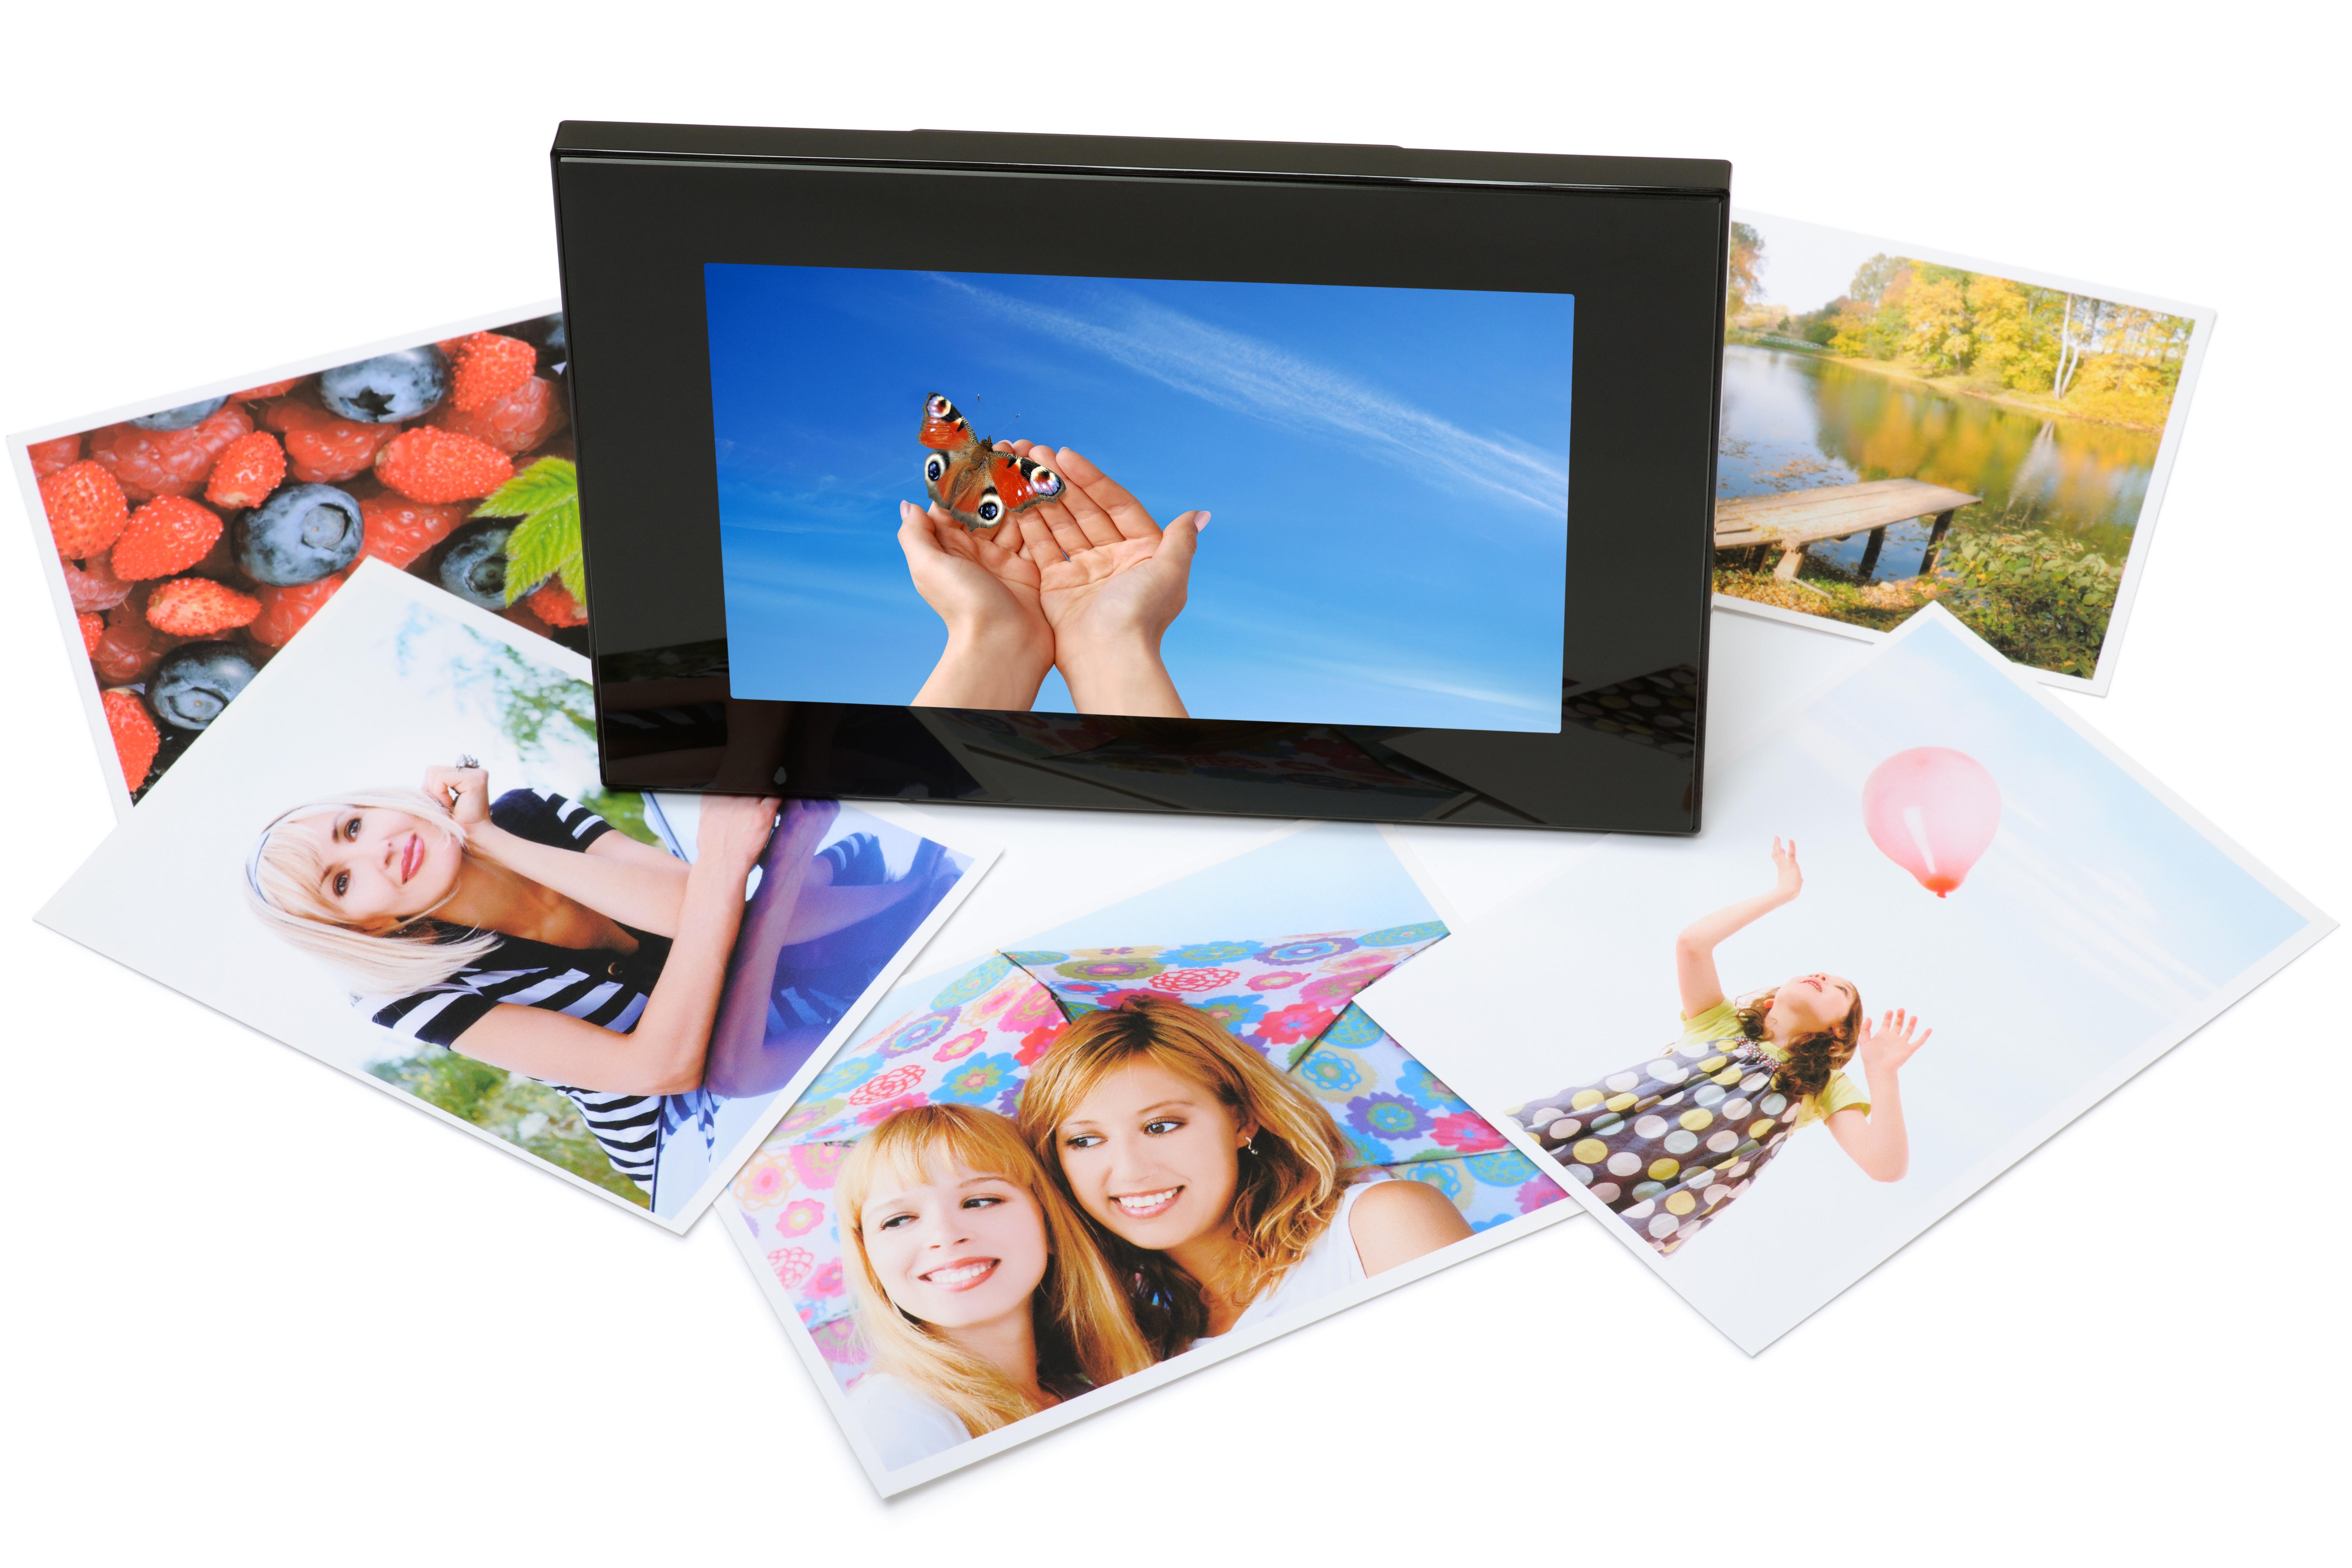 глубокий как продаются изображения на фотобанках несмотря хорошую погоду